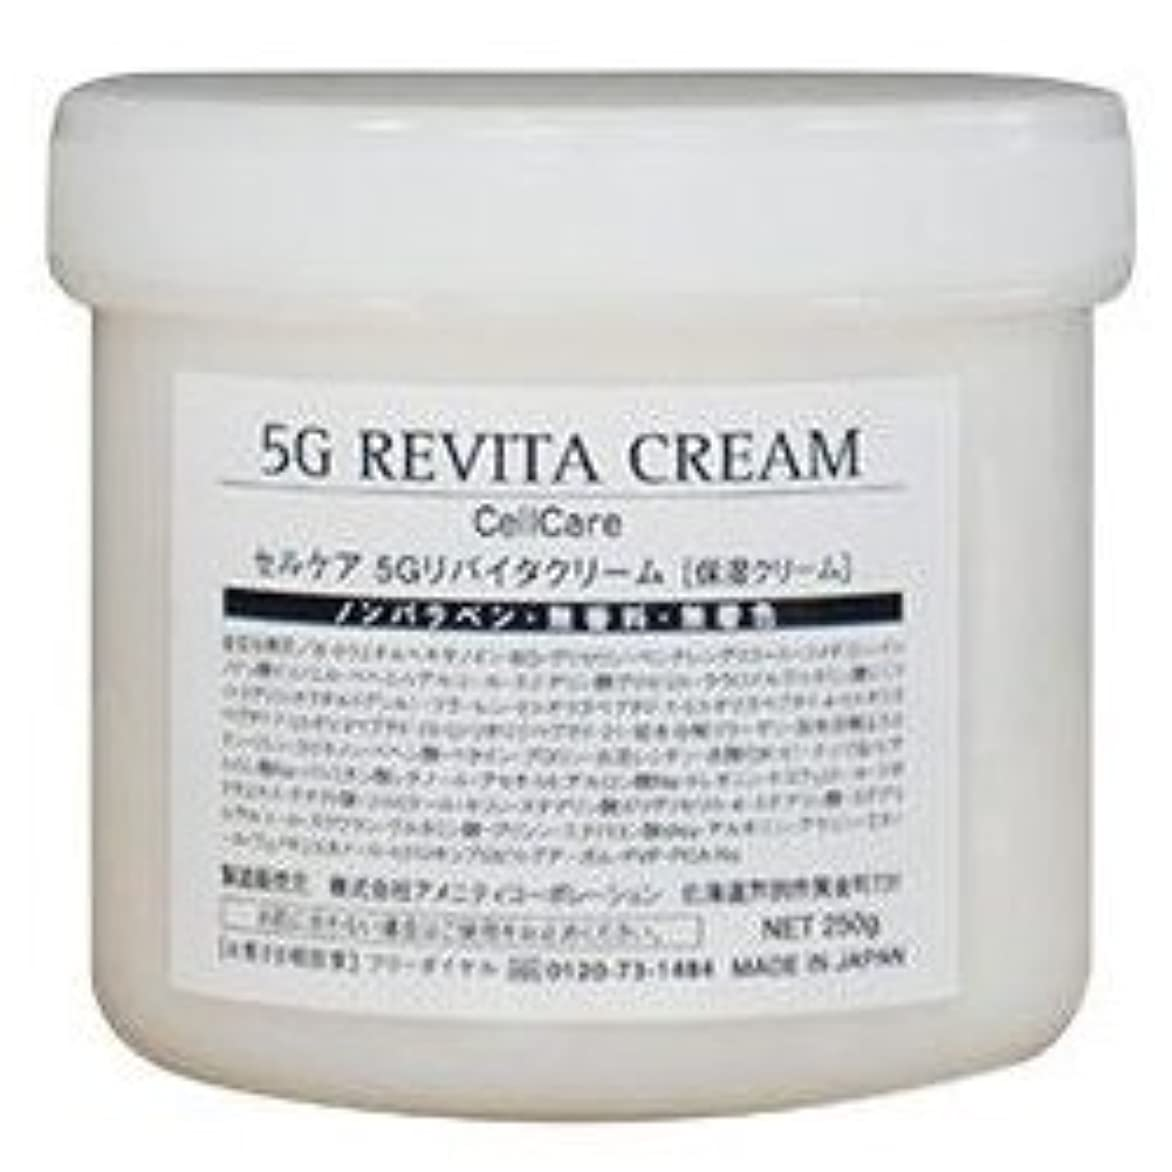 洗練されたマインドフル薄汚いセルケアGF プレミアム 5Gリバイタルクリーム 保湿クリーム お徳用250g